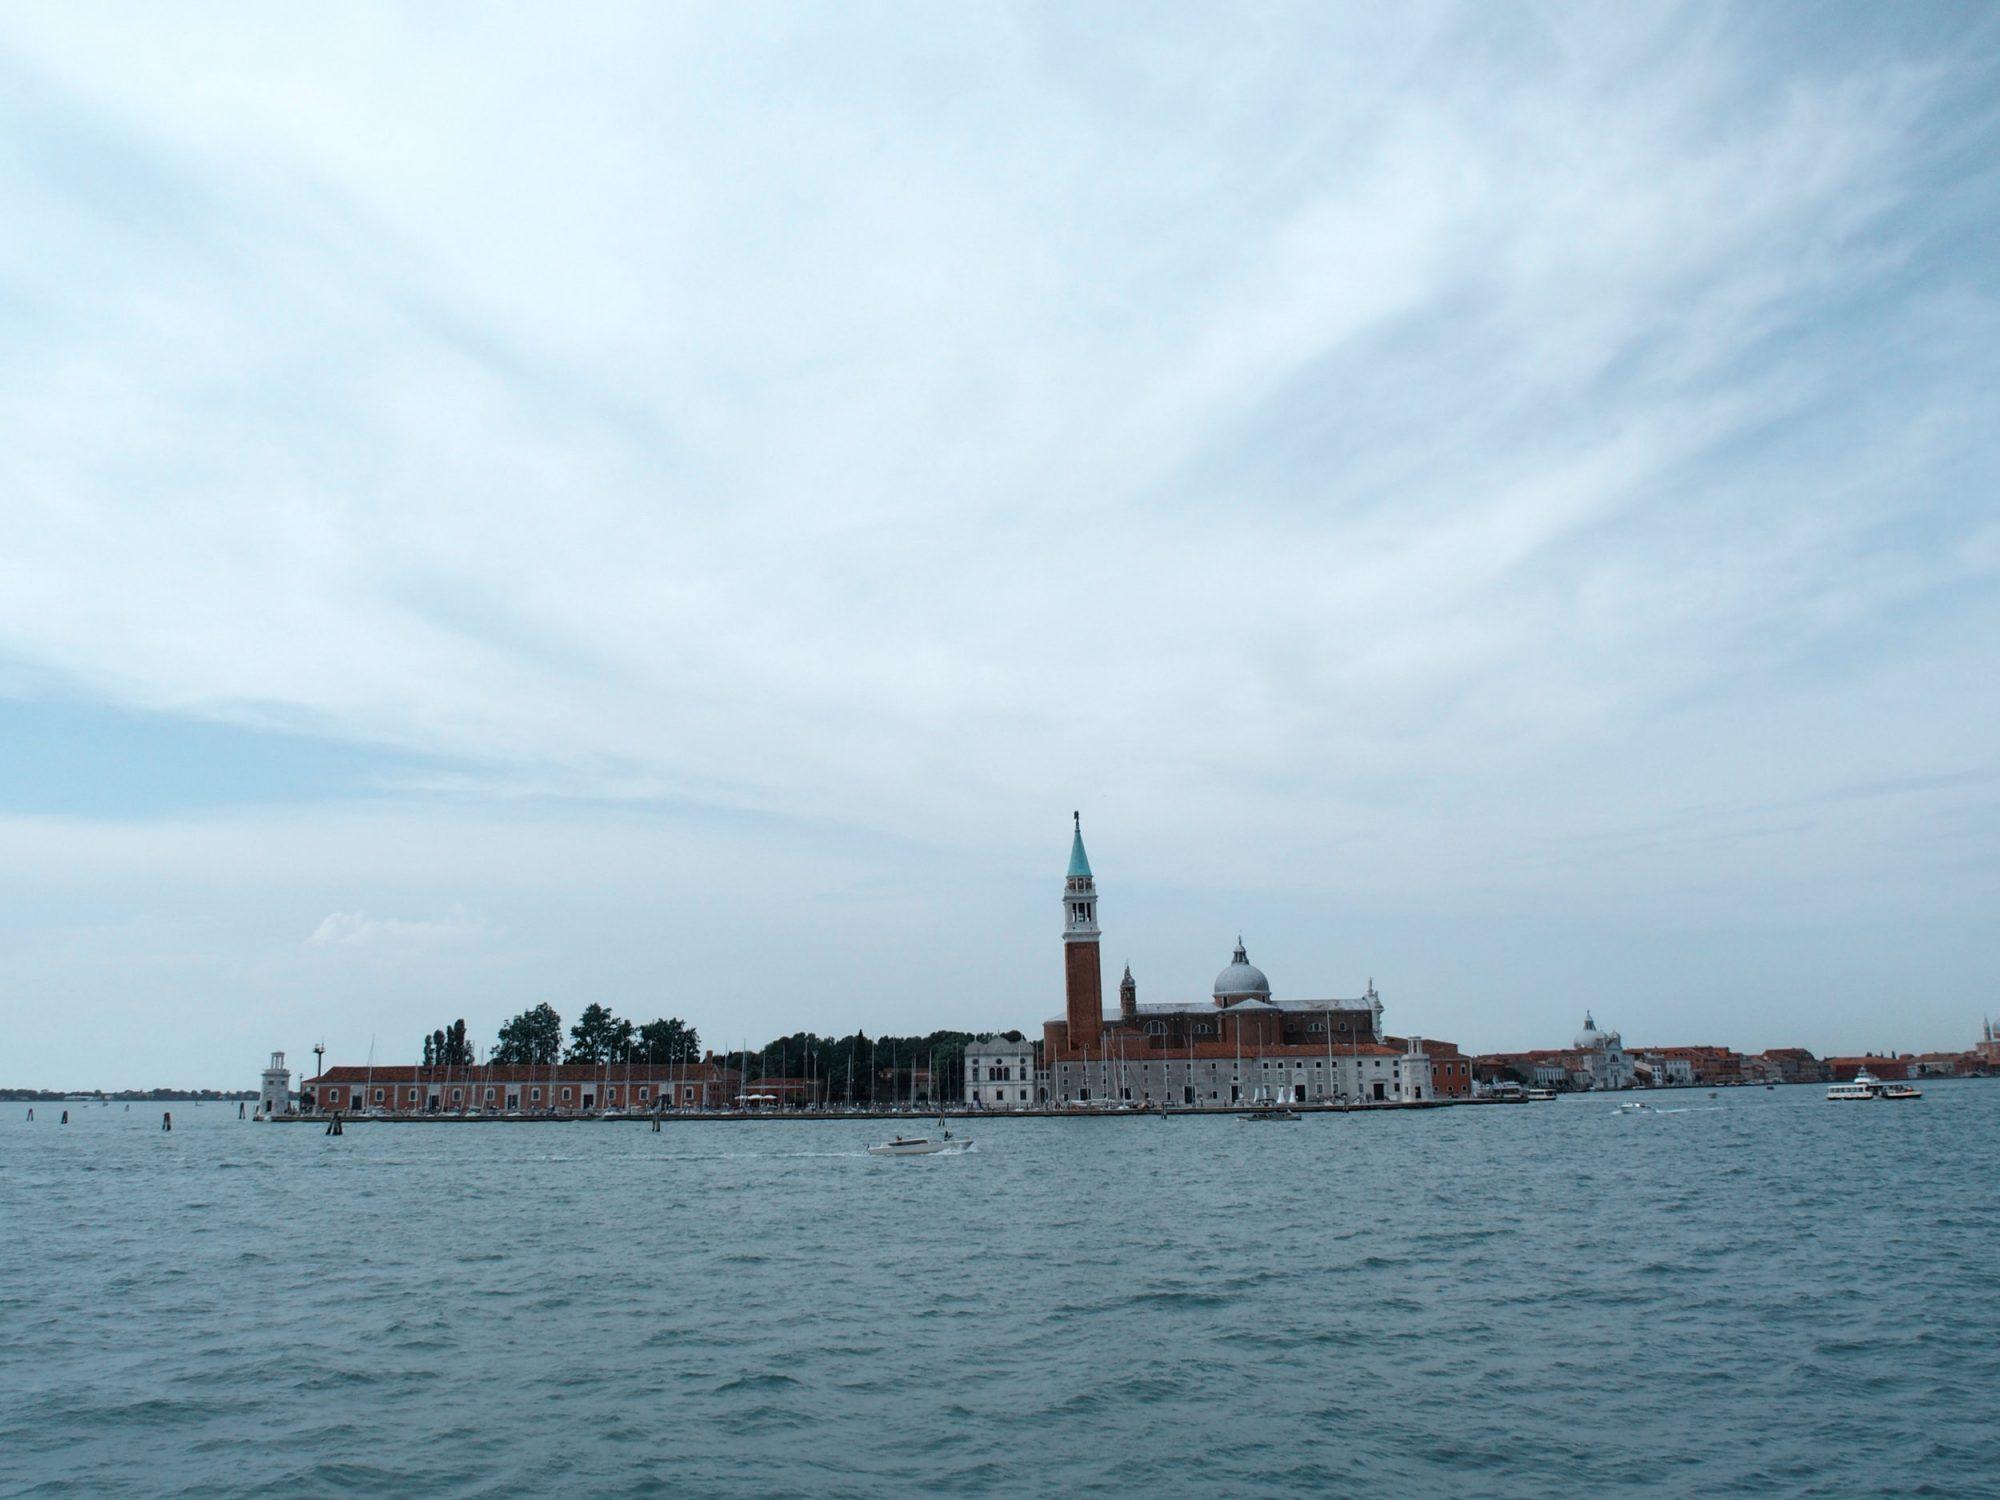 Fahrt auf dem Vaporetto, Fjella Traumpfad Venedig-München Weitwanderung (2)